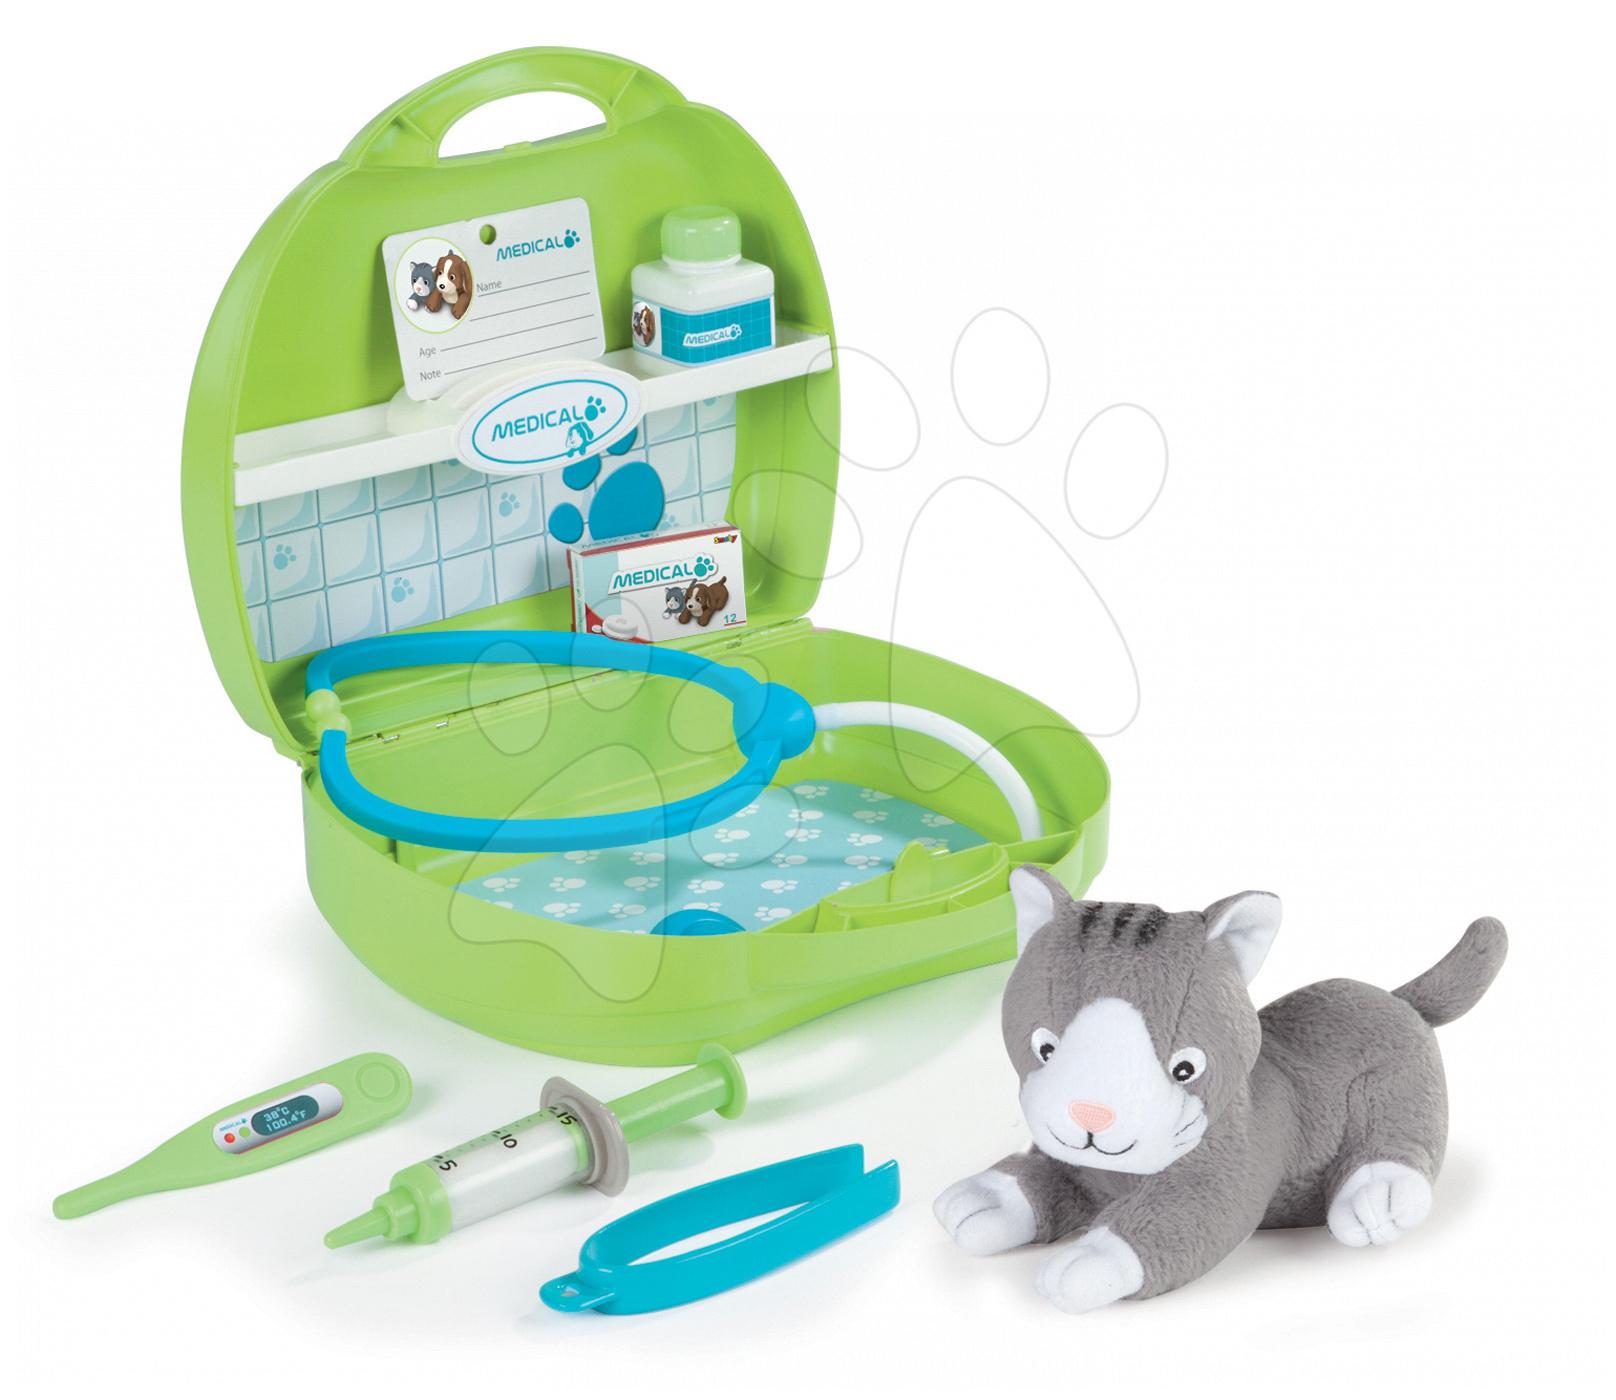 Cărucioare medicale pentru copii - Trusă medicală cu animal Smoby din pluş şi 8 accesorii